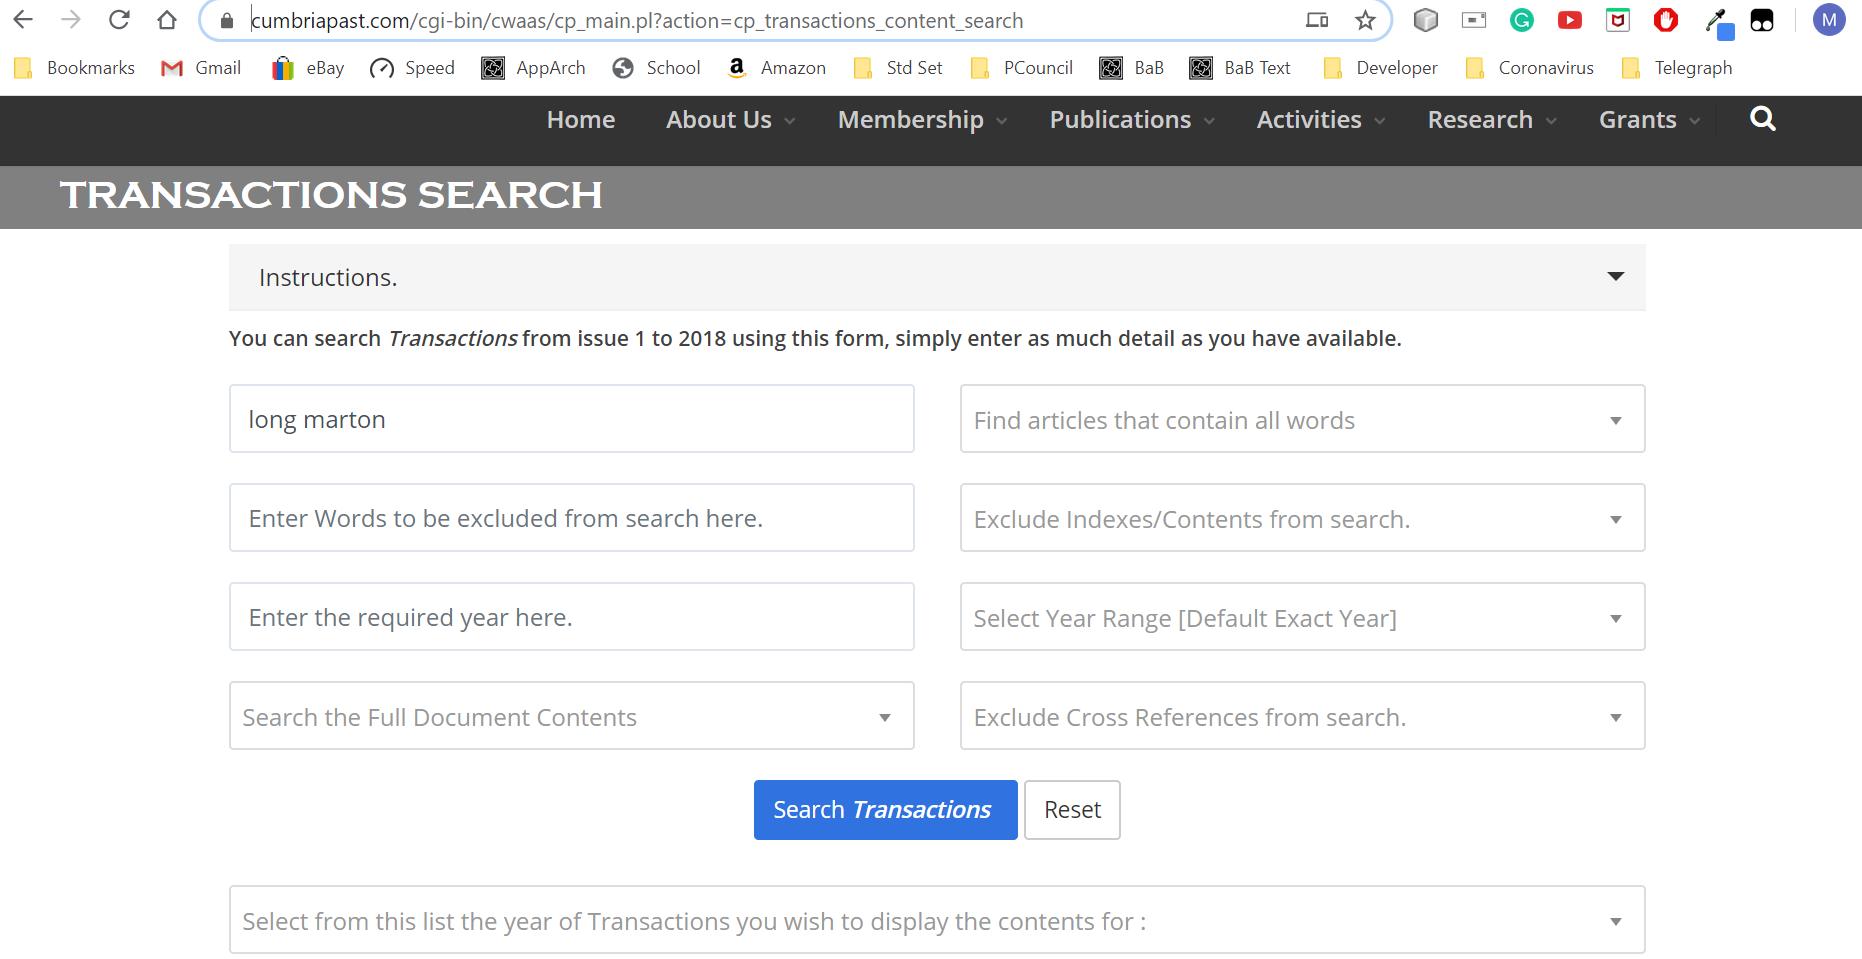 CWAA search screen